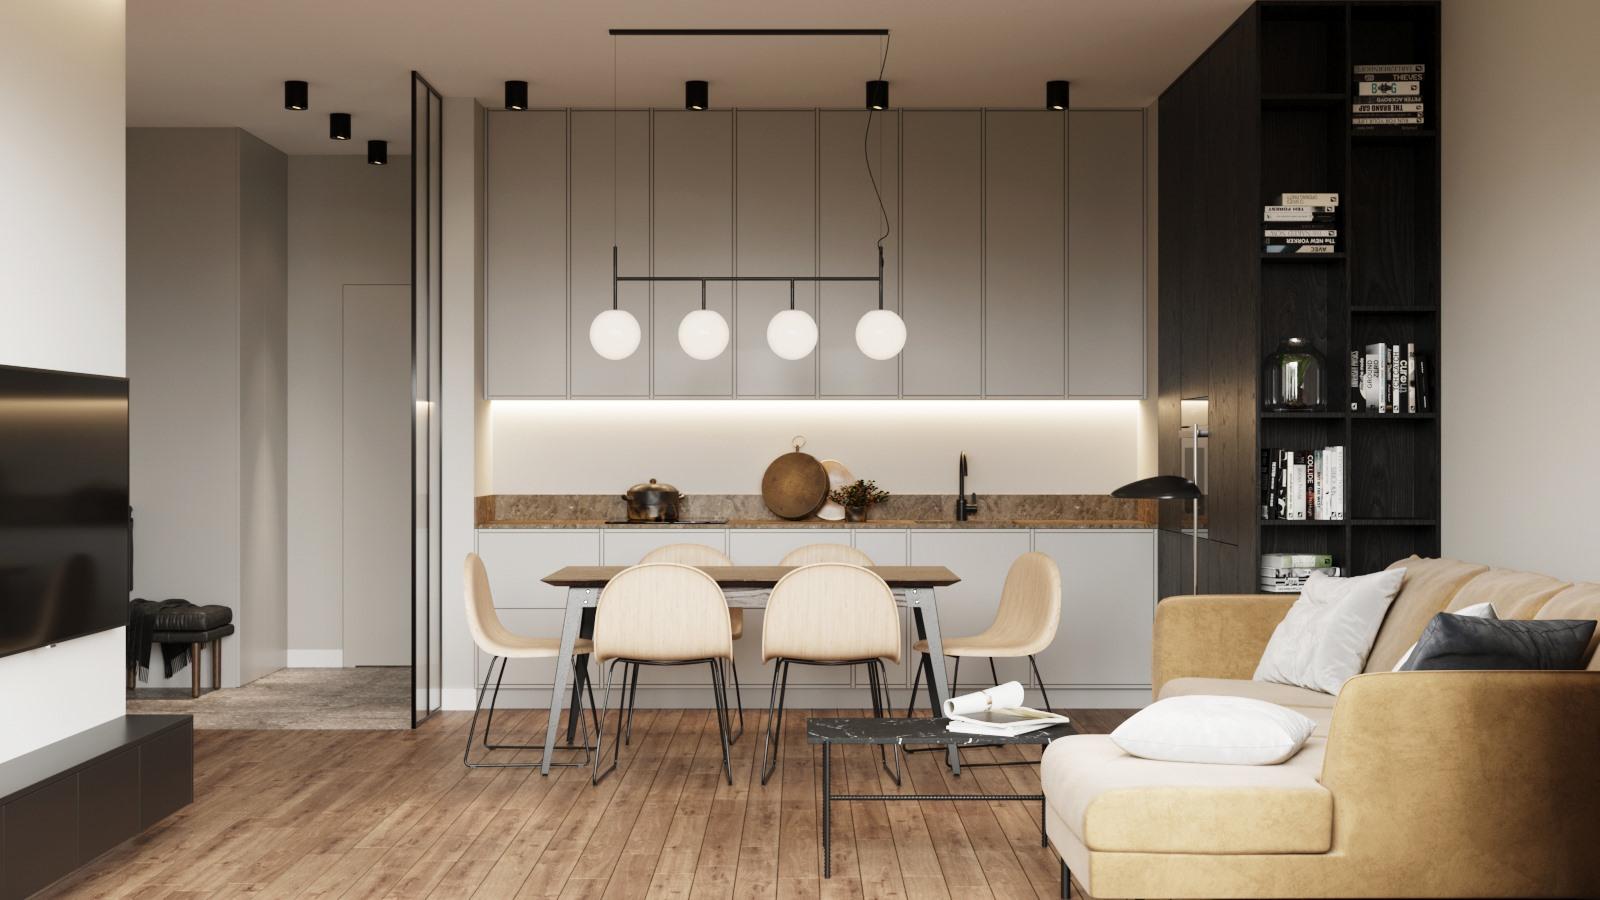 Otwarta szara kuchnia zaprojektowana przez pracownię architektoniczną OIKOI